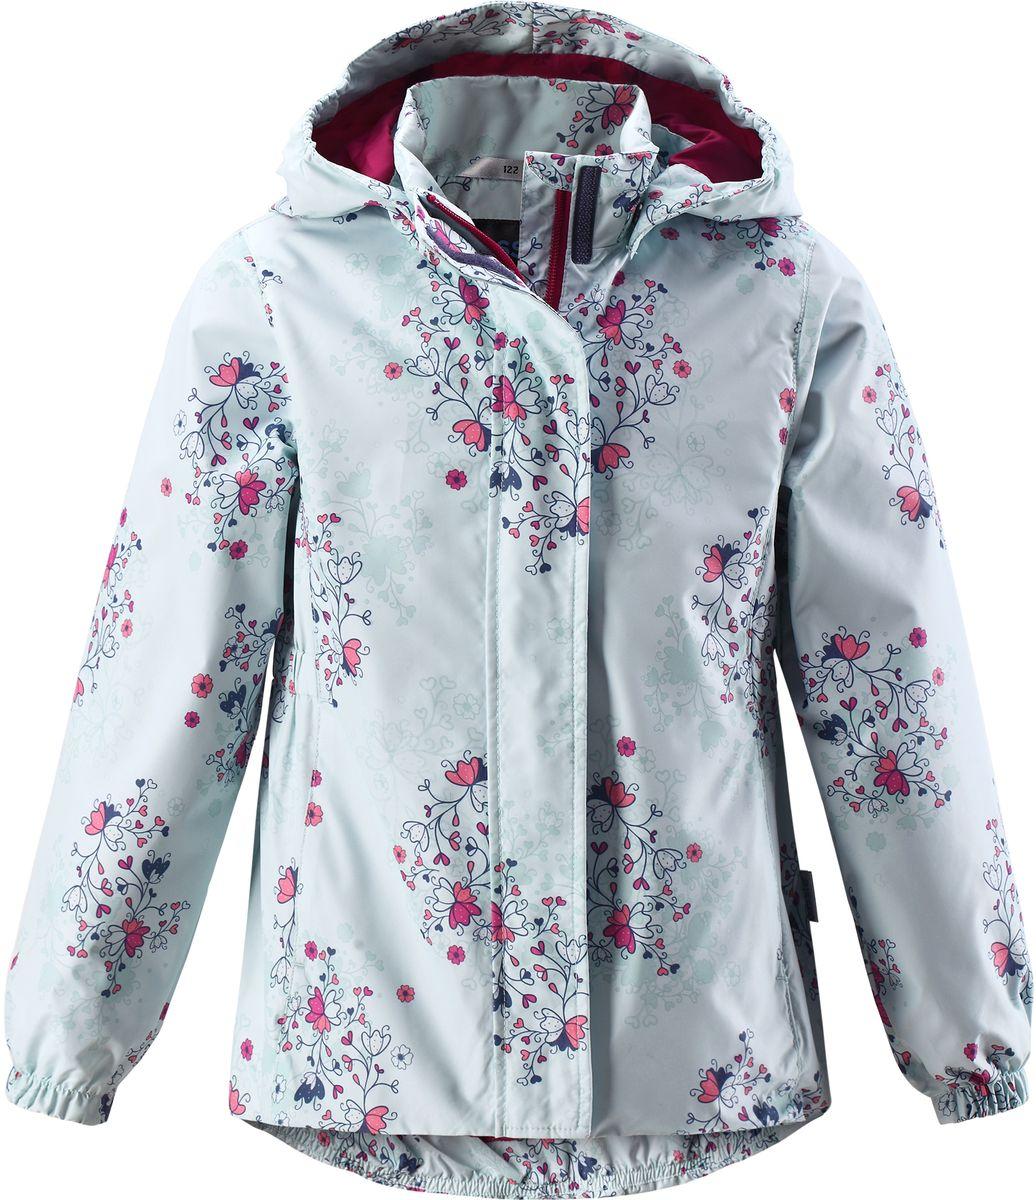 Куртка для девочки Lassie, цвет: бледно-зеленый. 721704R8781. Размер 110721704R8781Стильная демисезонная куртка для девочек изготовлена из водоотталкивающего, ветронепроницаемого и дышащего материала. Гладкая и приятная на ощупь подкладка из полиэстера на легком утеплителе согревает и облегчает процесс одевания. Удлиненная модель для девочек с эластичной талией, подолом и манжетами. Практичные детали просто незаменимы: безопасный съемный капюшон, карманы, вшитые в боковые швы, и светоотражающая эмблема сзади.